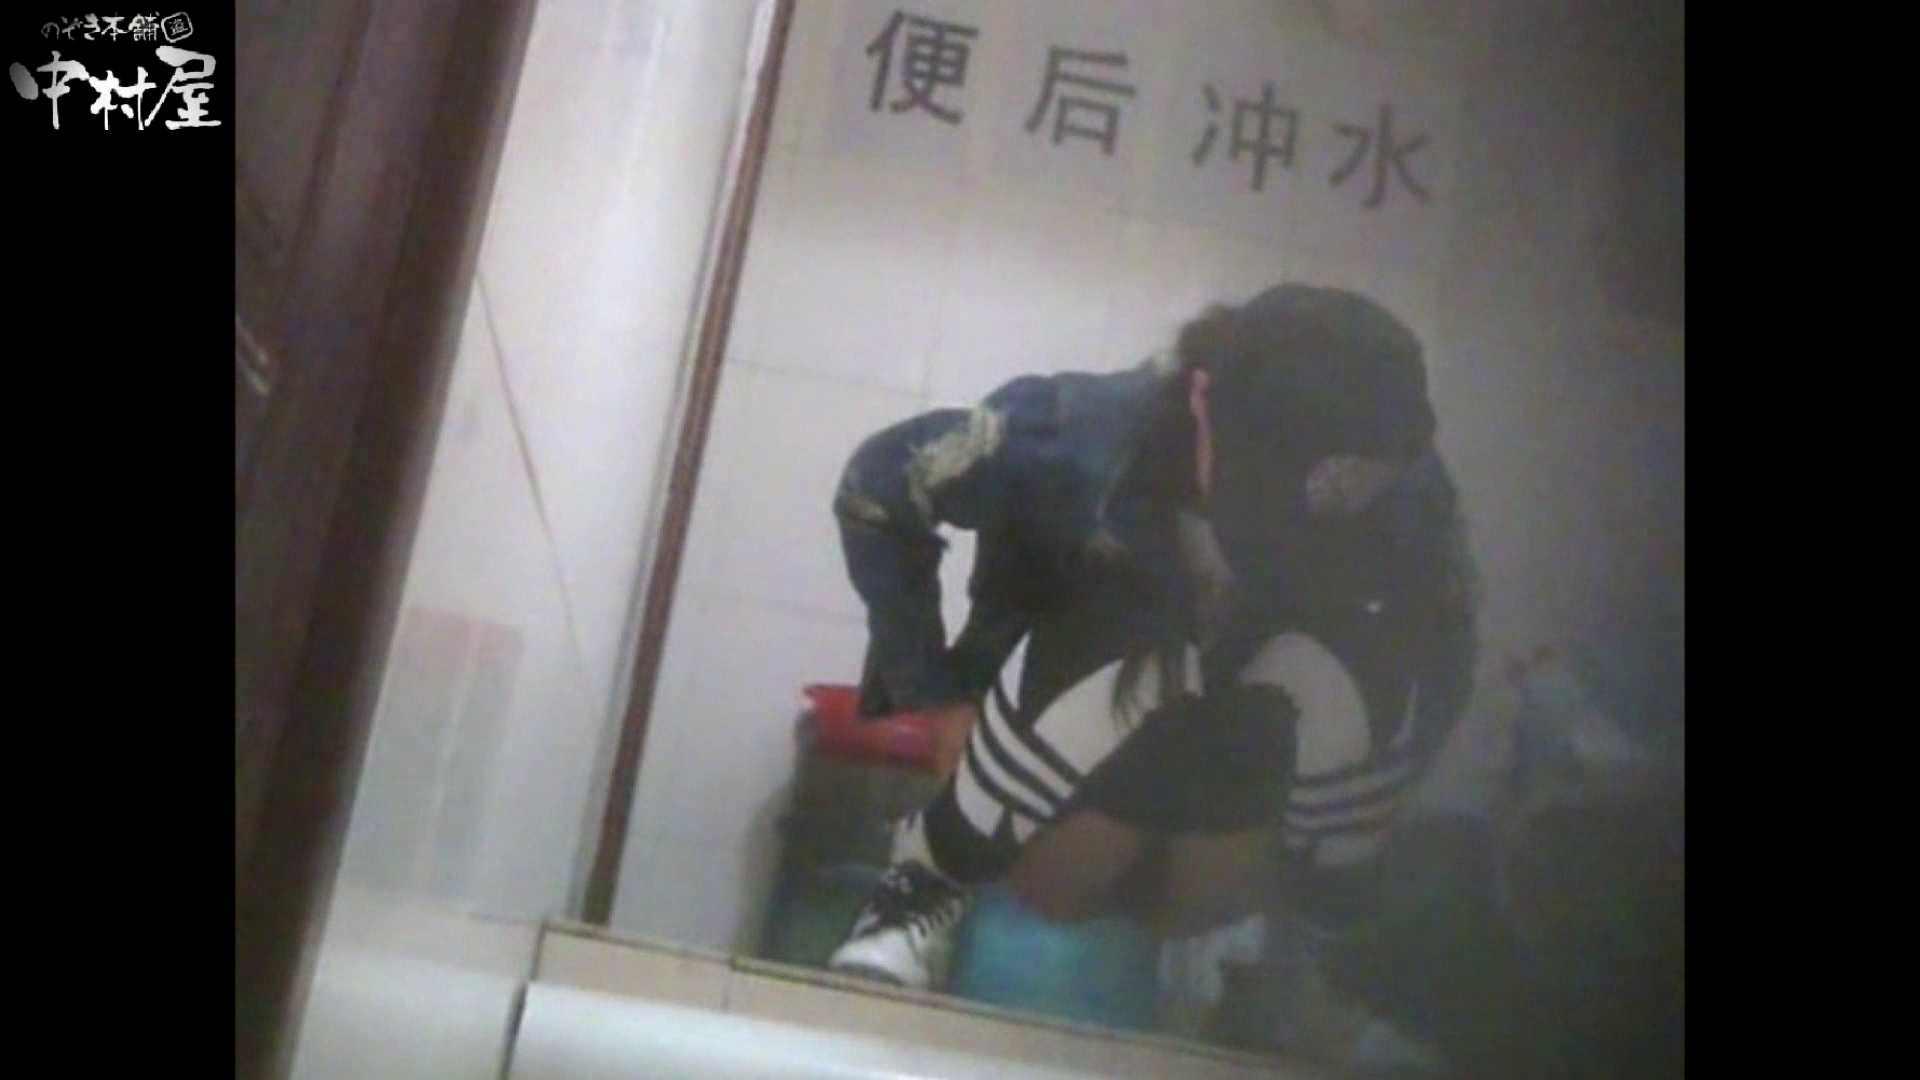 李さんの盗撮日記 Vol.13 和式 | 盗撮動画 のぞき 10枚 5